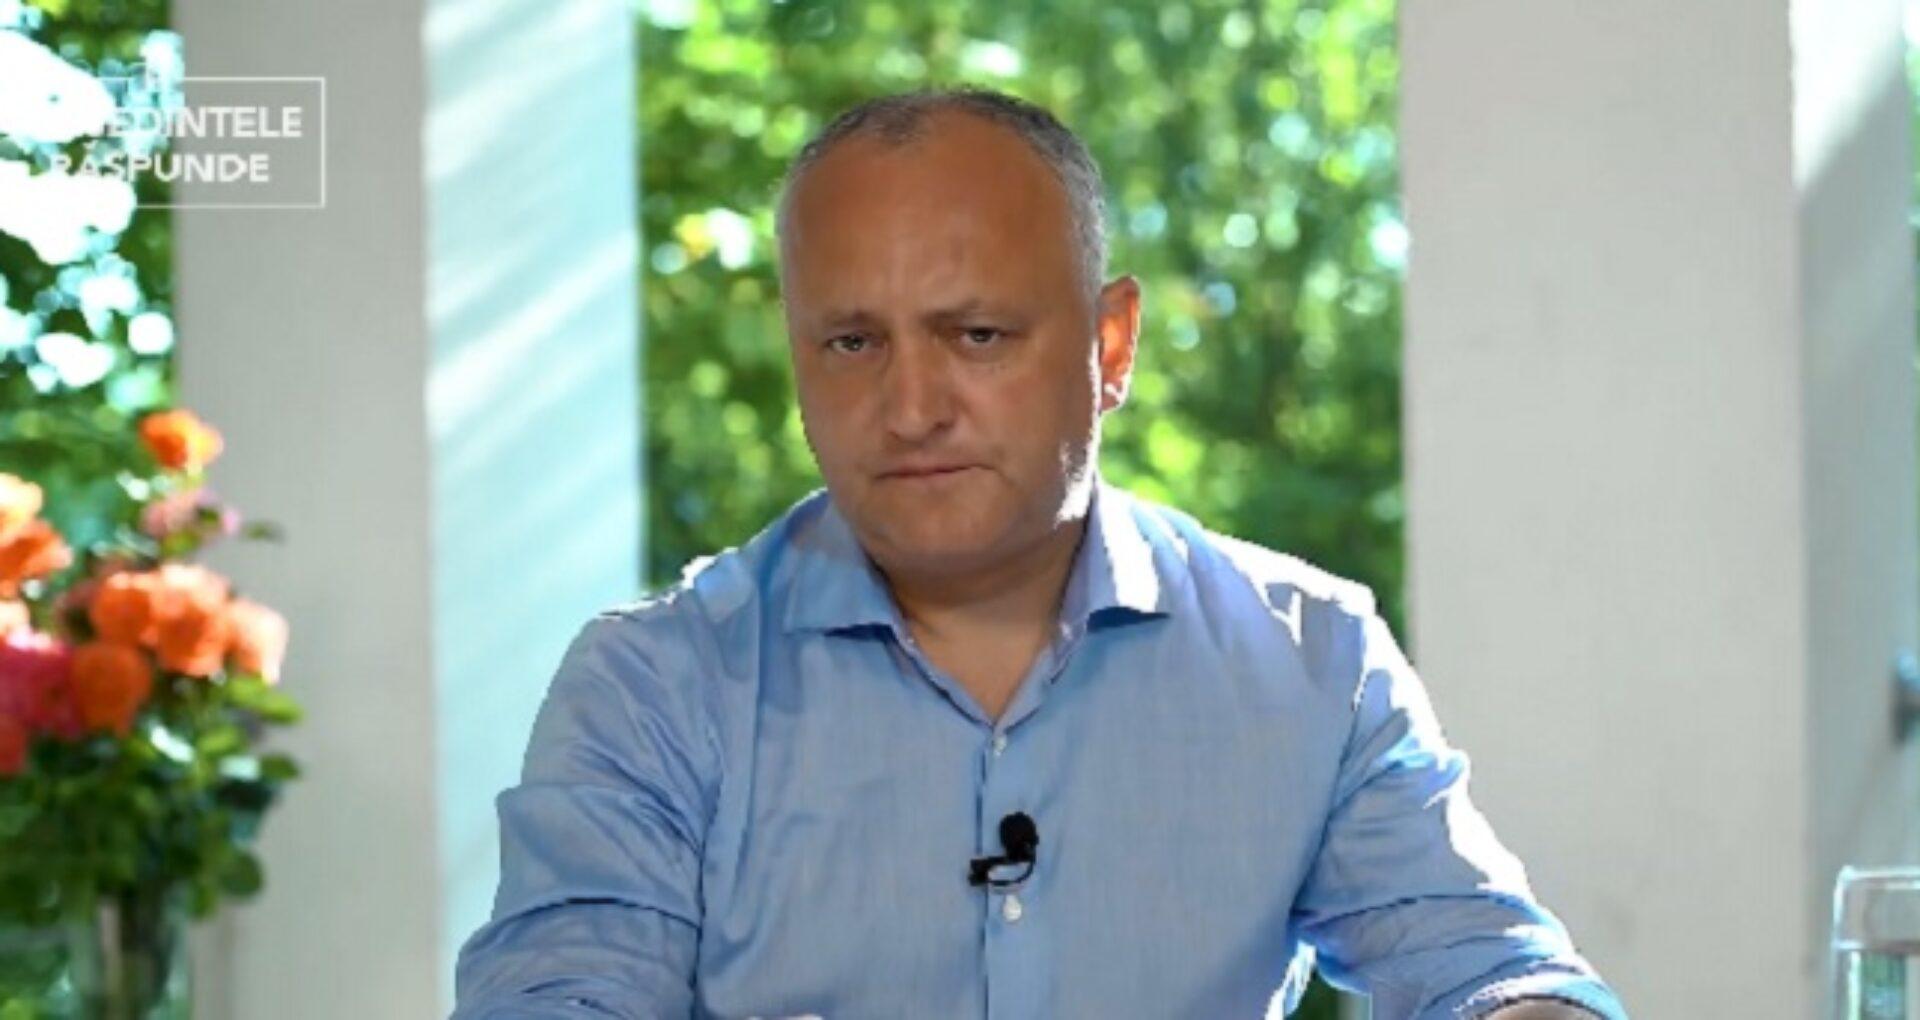 """Dodon anunță că Ștefan Gațcan, împreună cu familia, a părăsit R. Moldova: """"Se temea, mi-a cerut ca paza de stat să-l însoțească până la ieșirea din țară"""""""